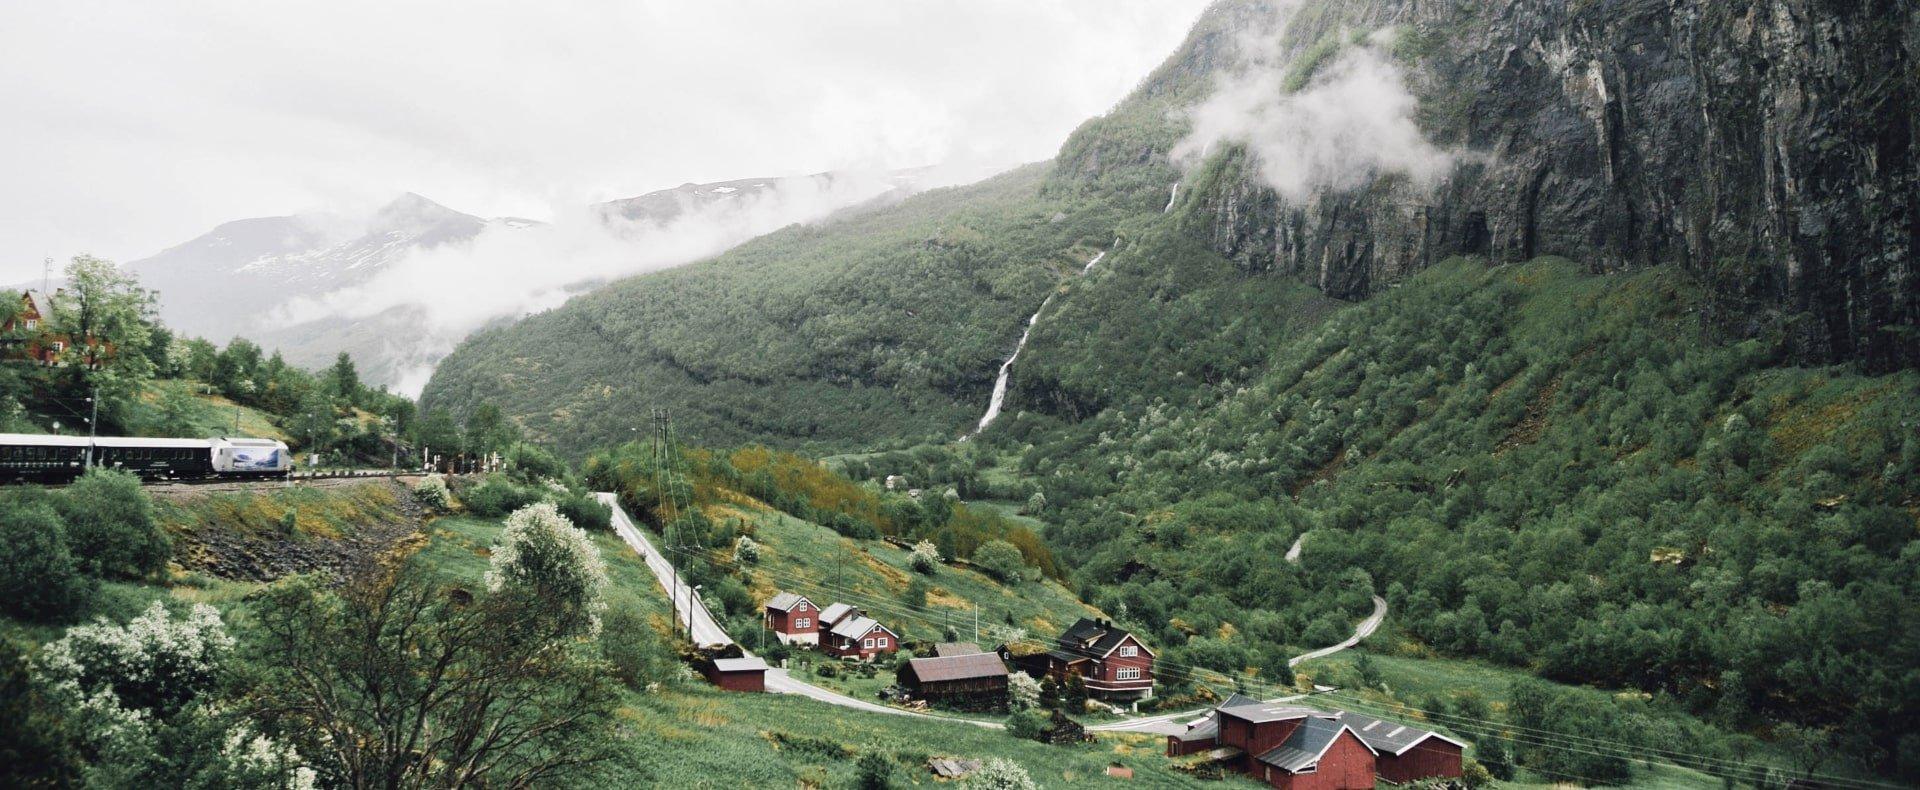 Myrdal, Norway Gallery